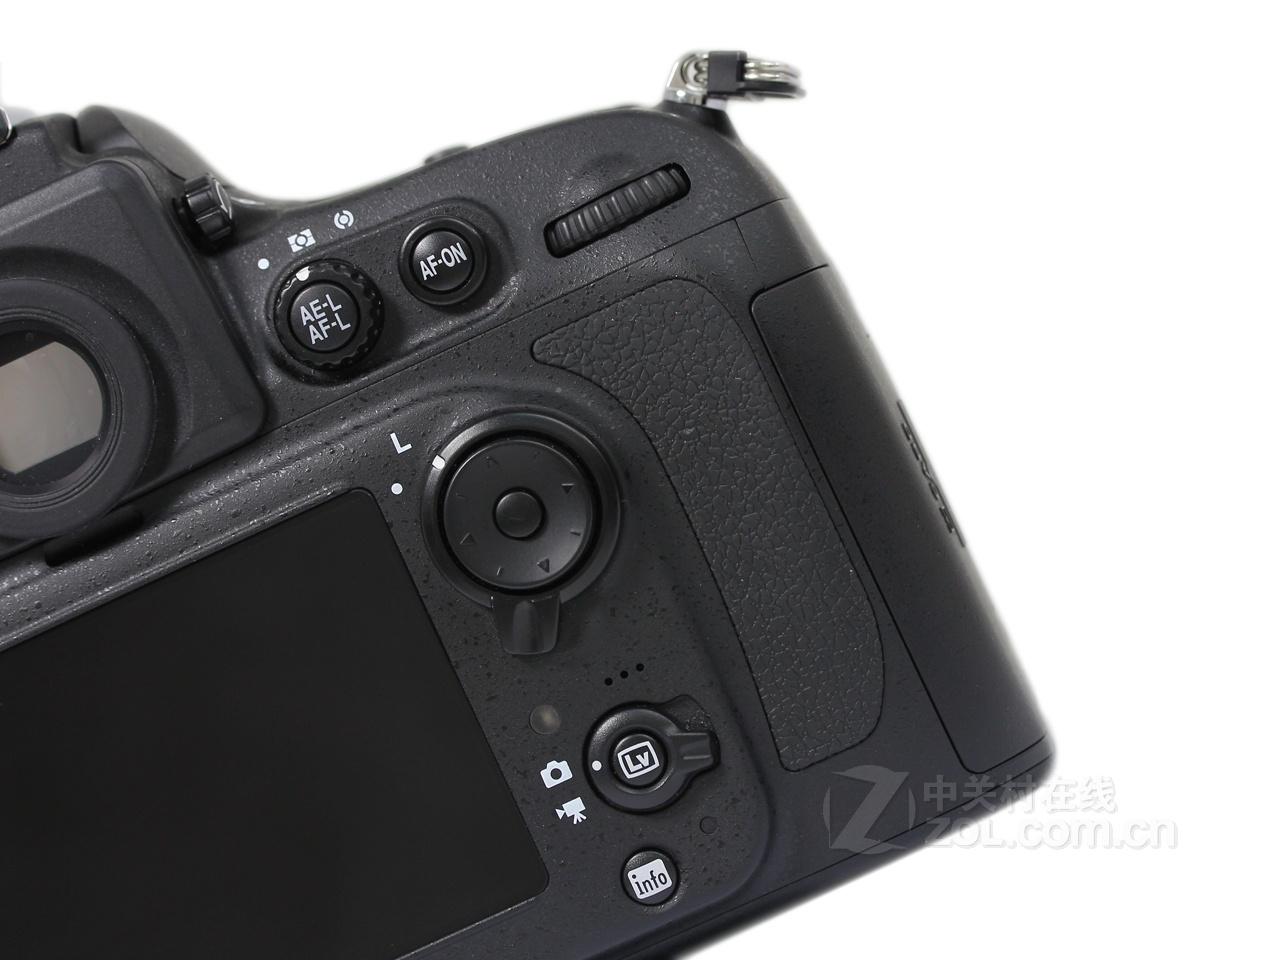 【原始大图】尼康d800功能按键图片欣赏-zol中关村